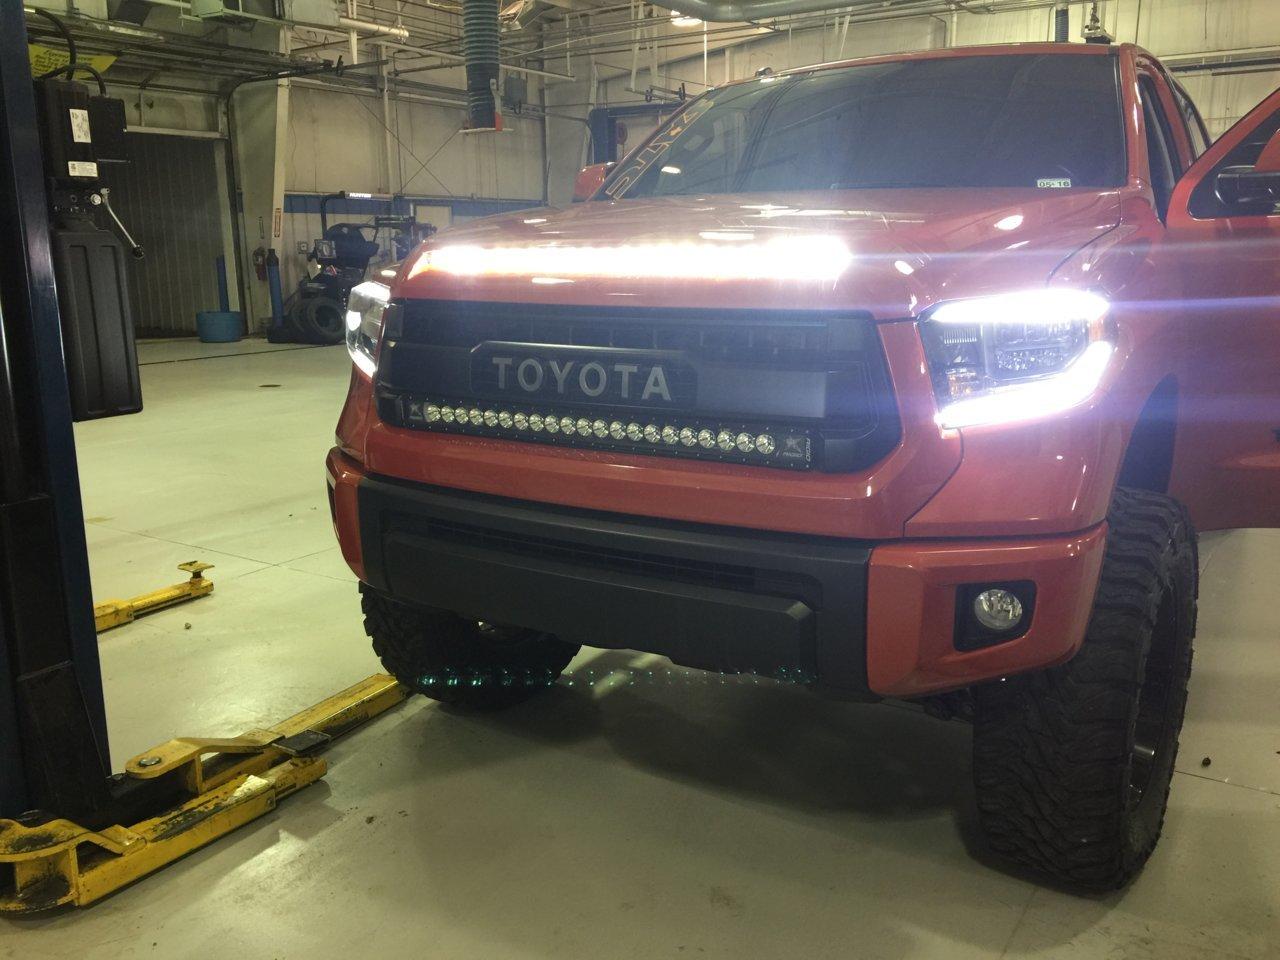 2018 lights and nsv hood bulge light bar toyota tundra forum d2e2fae6 801b 4c5f b9ec e74c8ebc6524g aloadofball Choice Image